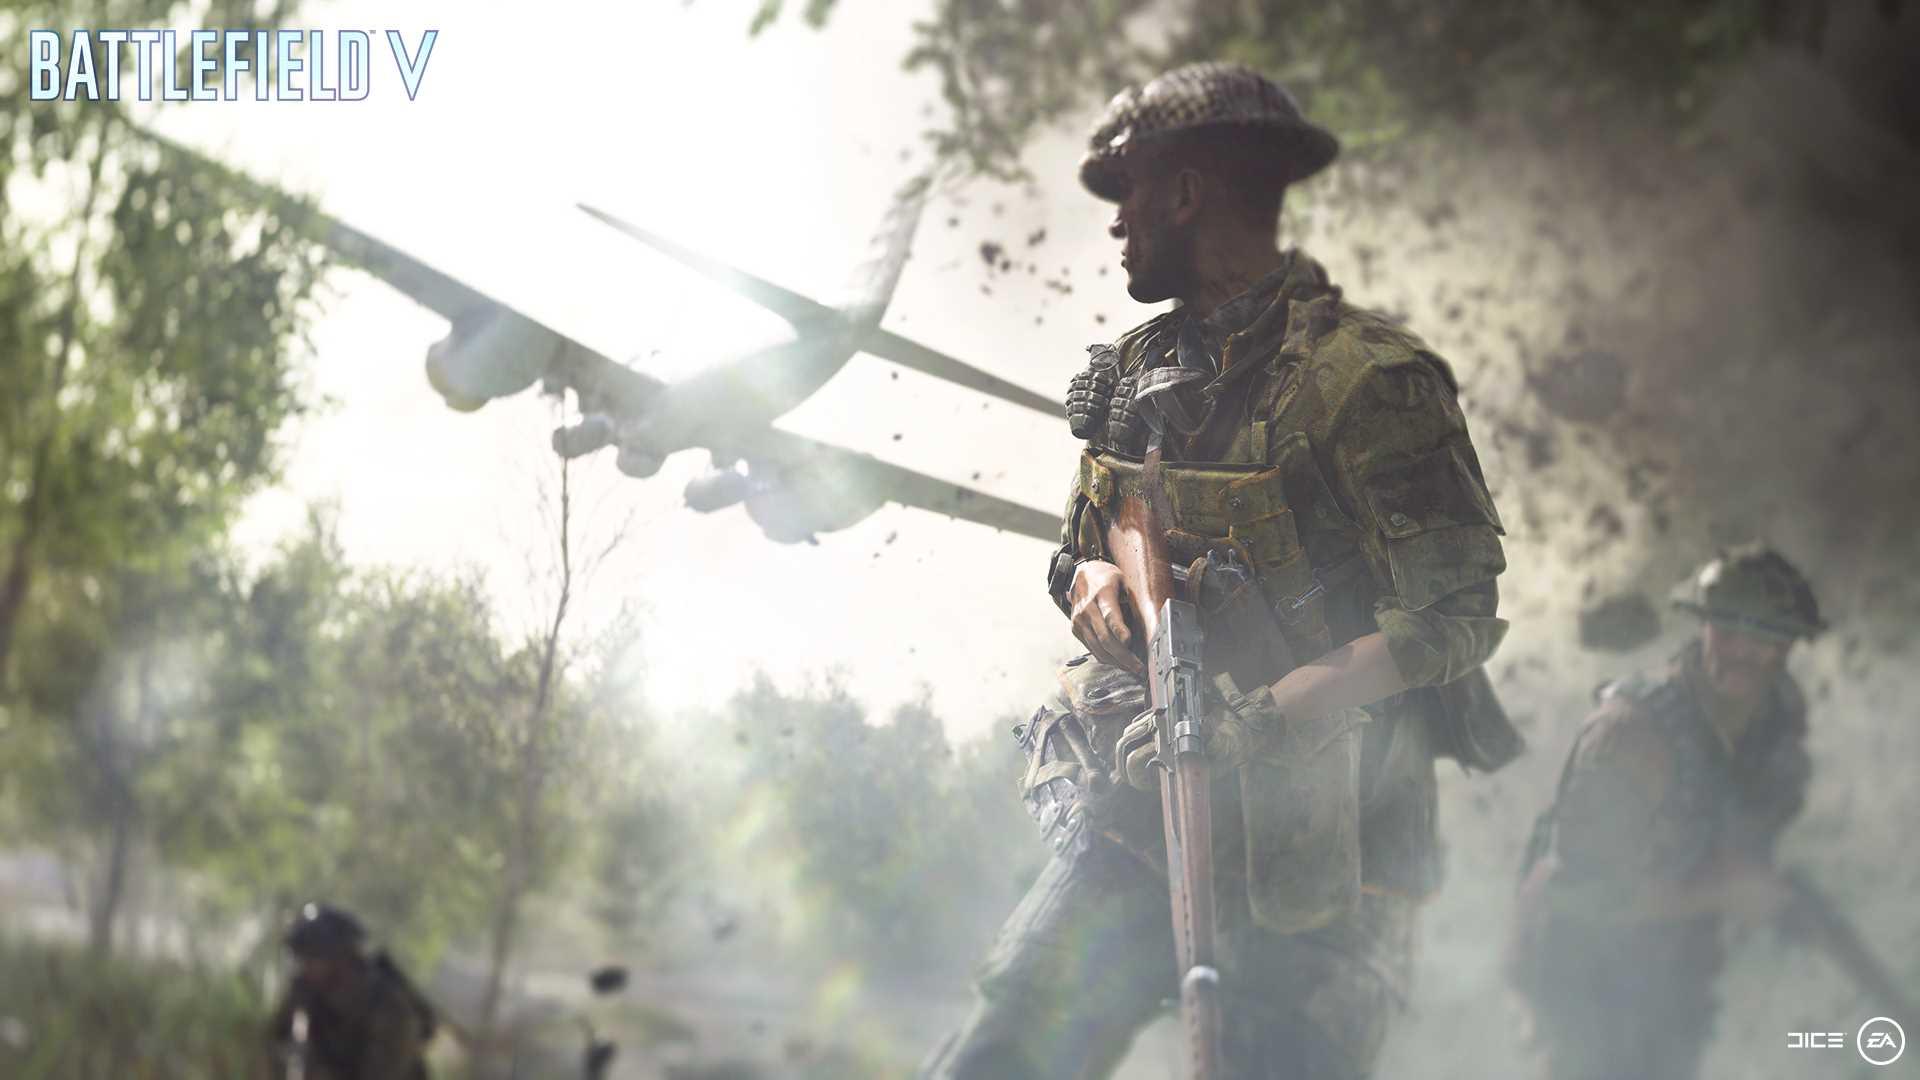 На иллюстрации изображена сцена из игры Battlefield V: солдат стоит с винтовкой на фоне пролетающего бомбардировщика